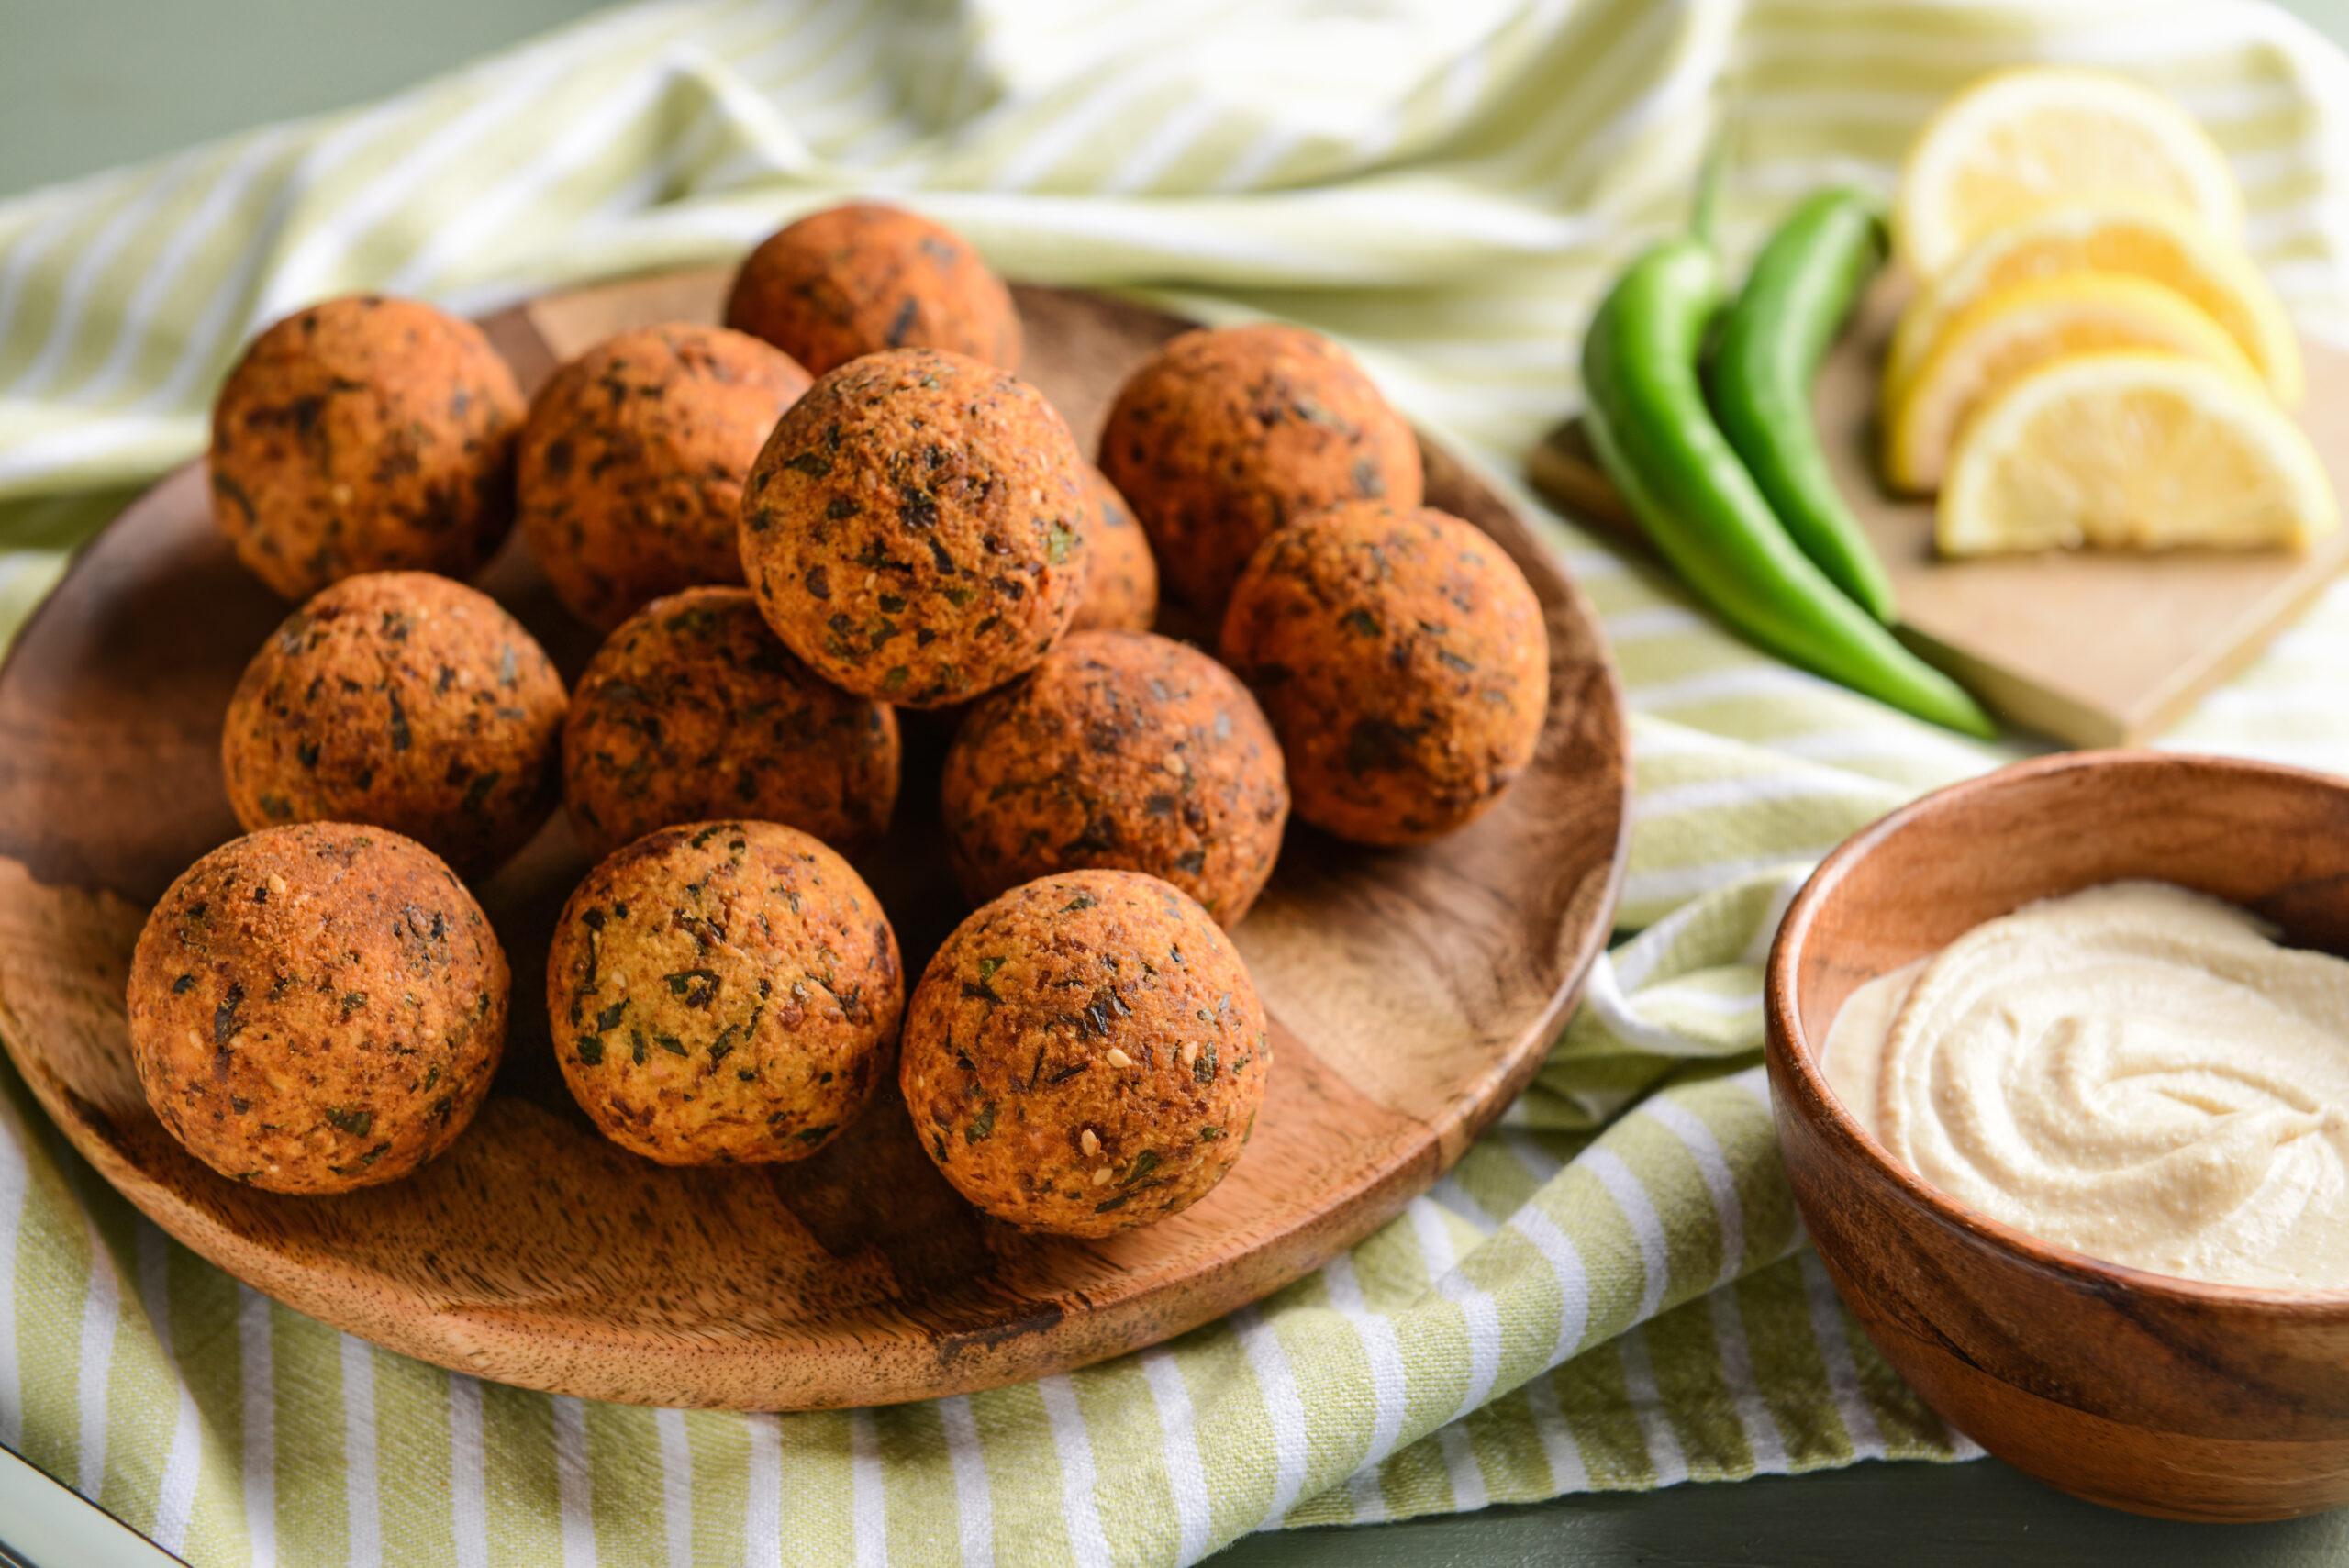 Pulpeciki z bakłażana i Parmigiano Reggiano